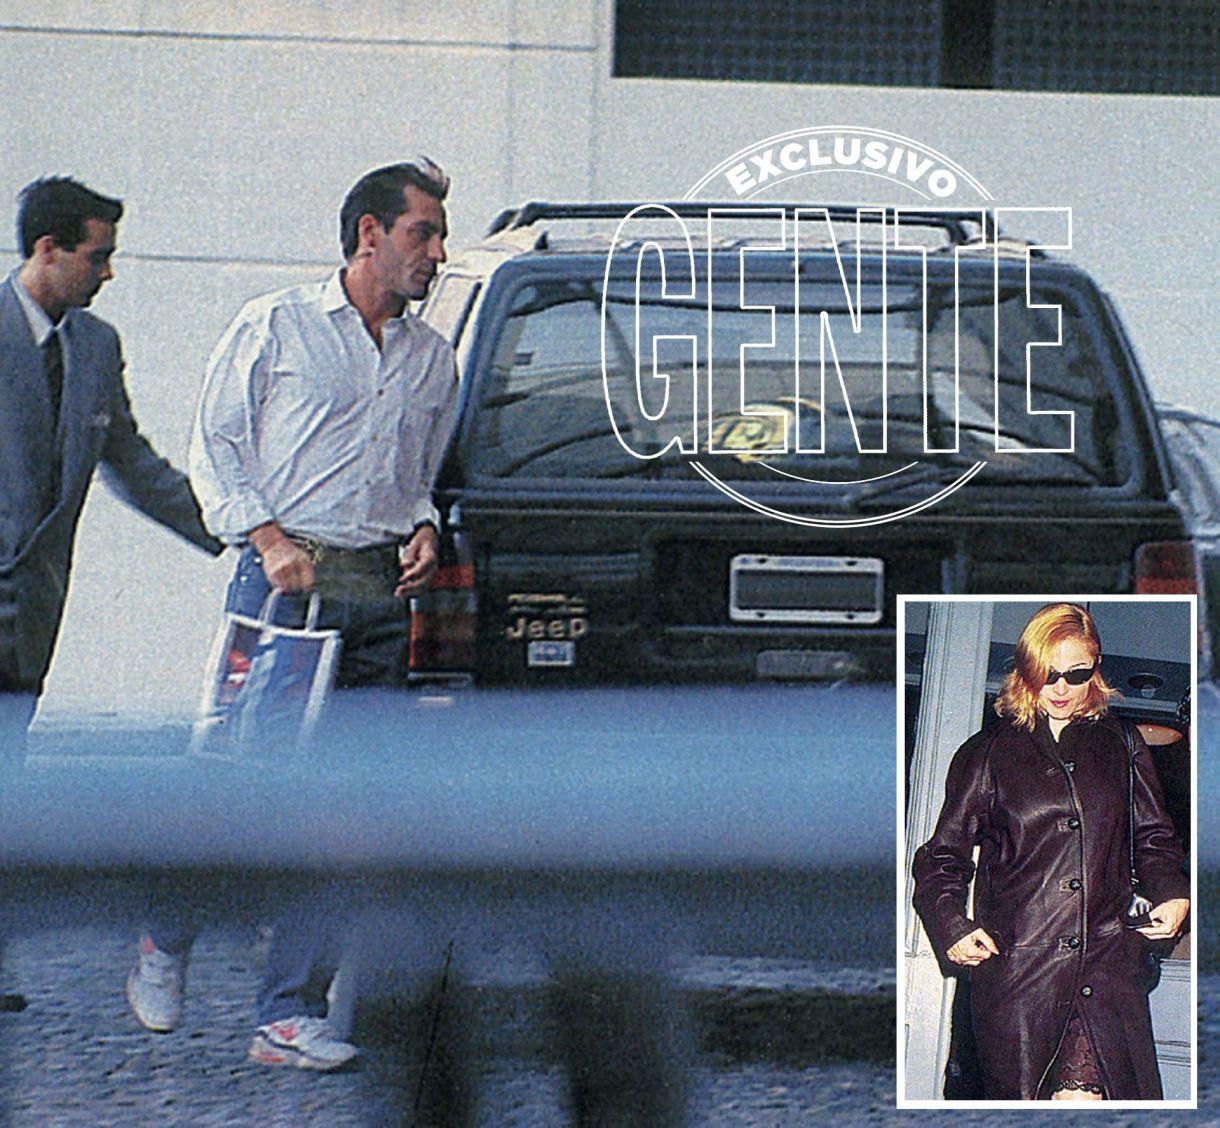 Hace veintitrés años, con ambos de treinta y pico, el flechazo surgió no bien Madonna Louise Veronica Ciccone pisó Buenos Aires el 20 de enero del '96 y se alojó en la Mansión del Hyatt, desde donde Bossi la sacaba escondida en su camioneta.